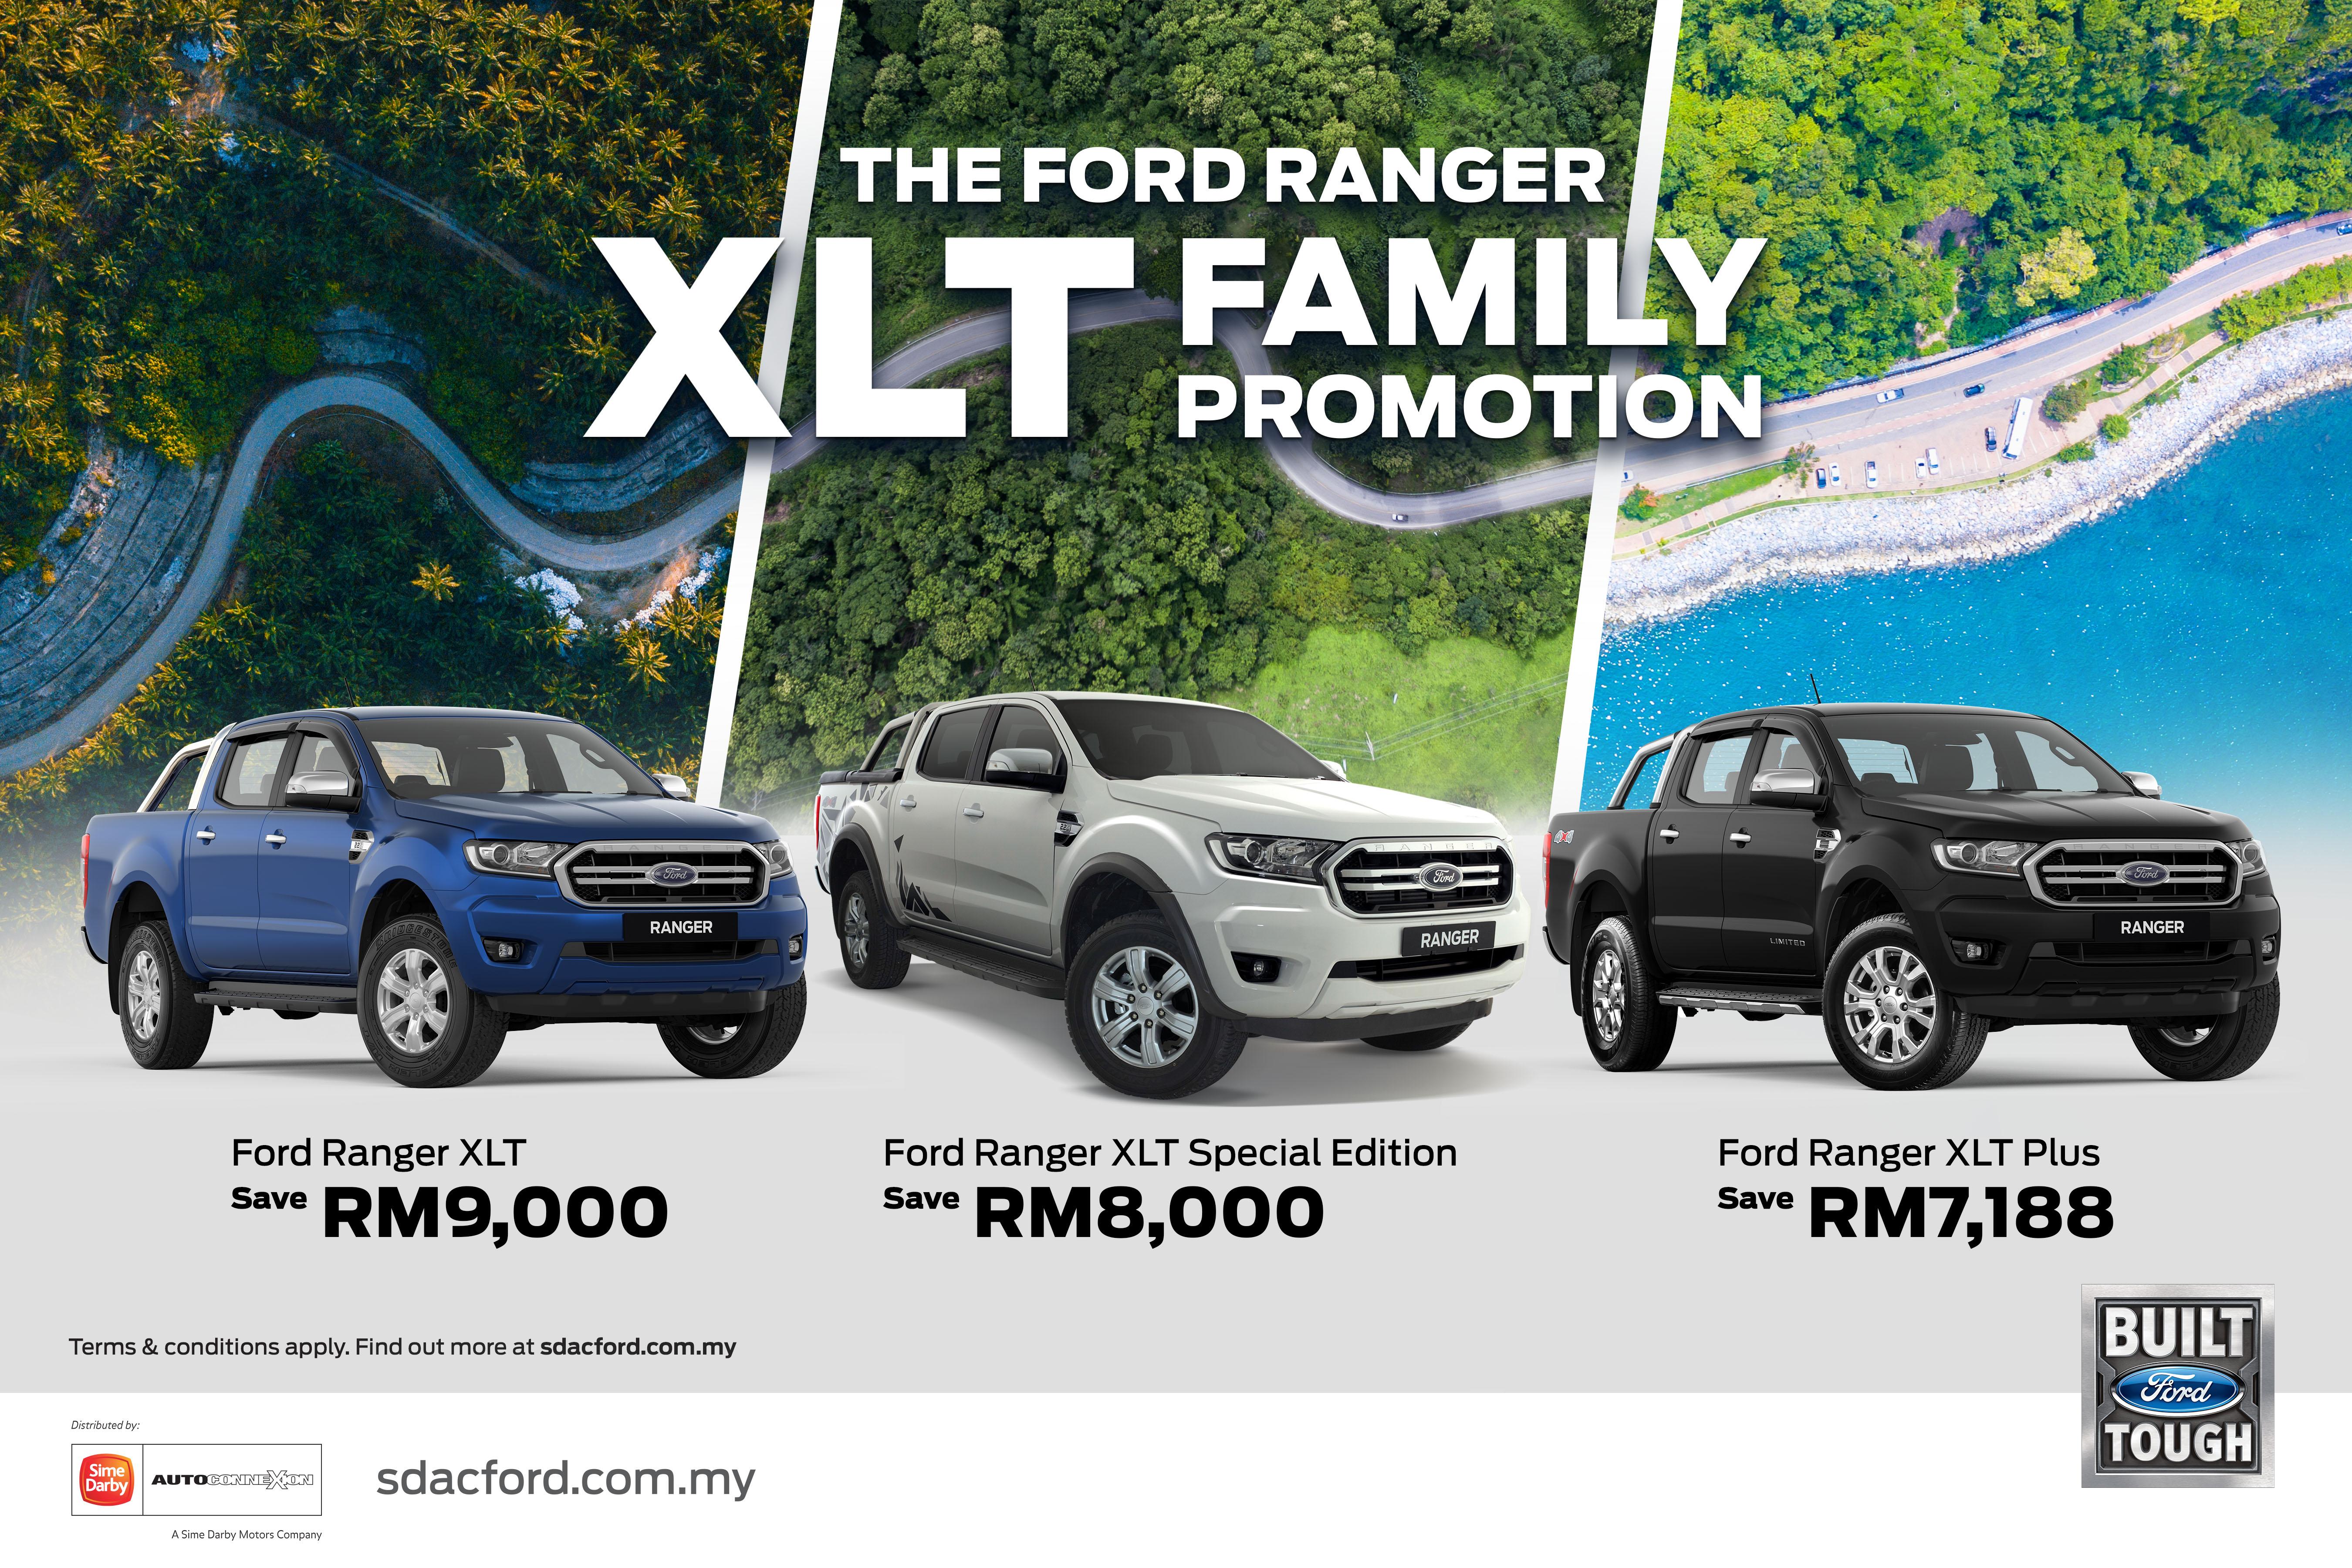 Ford Ranger XLT Promotion